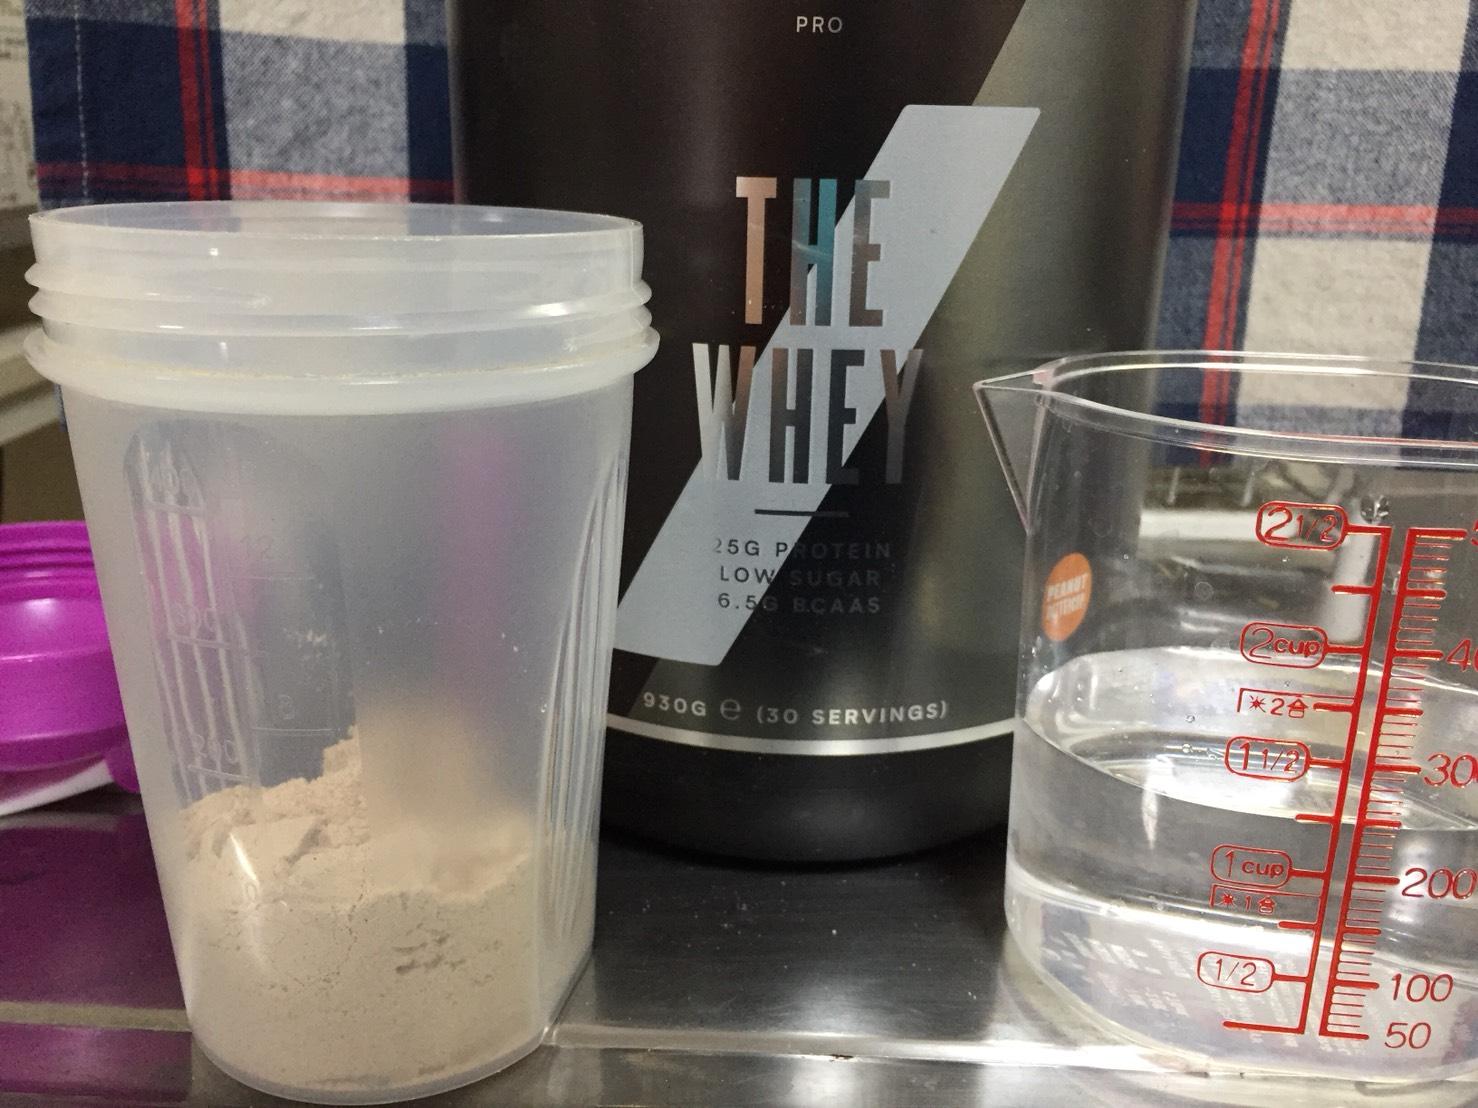 THE WHEY「ピーナッツバターカップ味」を250mlの水に溶かします